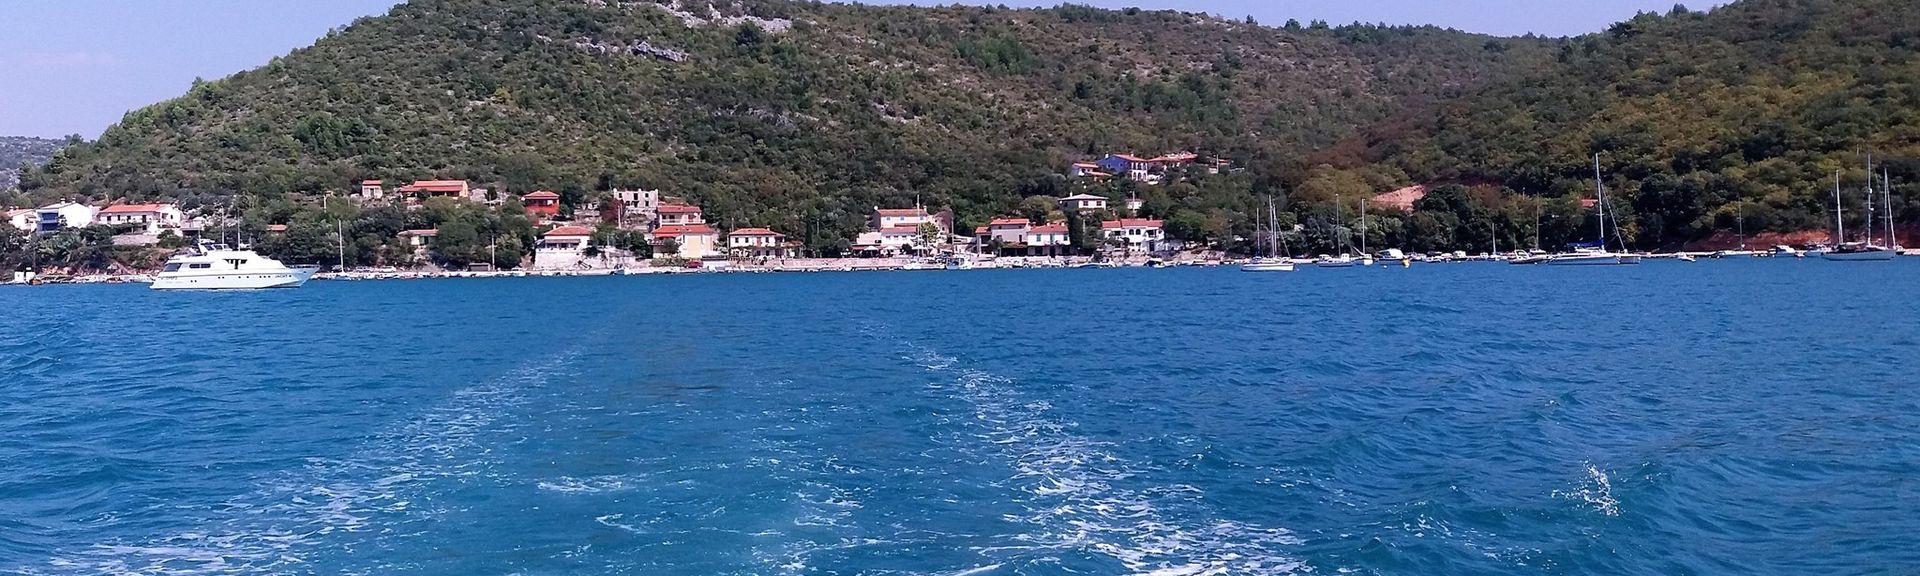 Filipana, Croatia